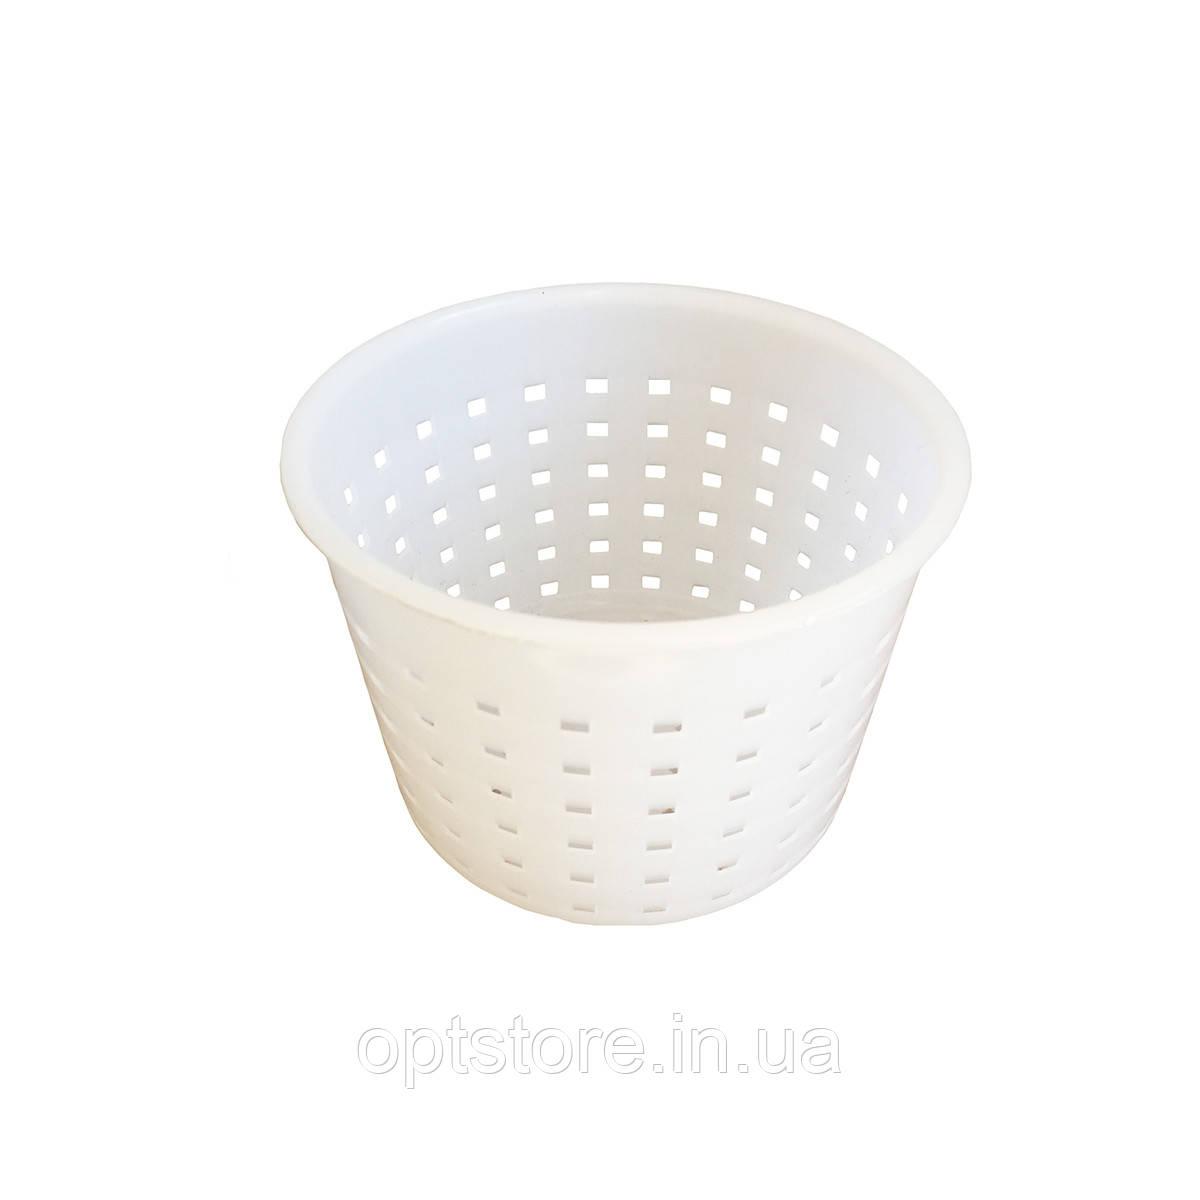 Форма для приготування сиру і для твердих сирів 0,6 L